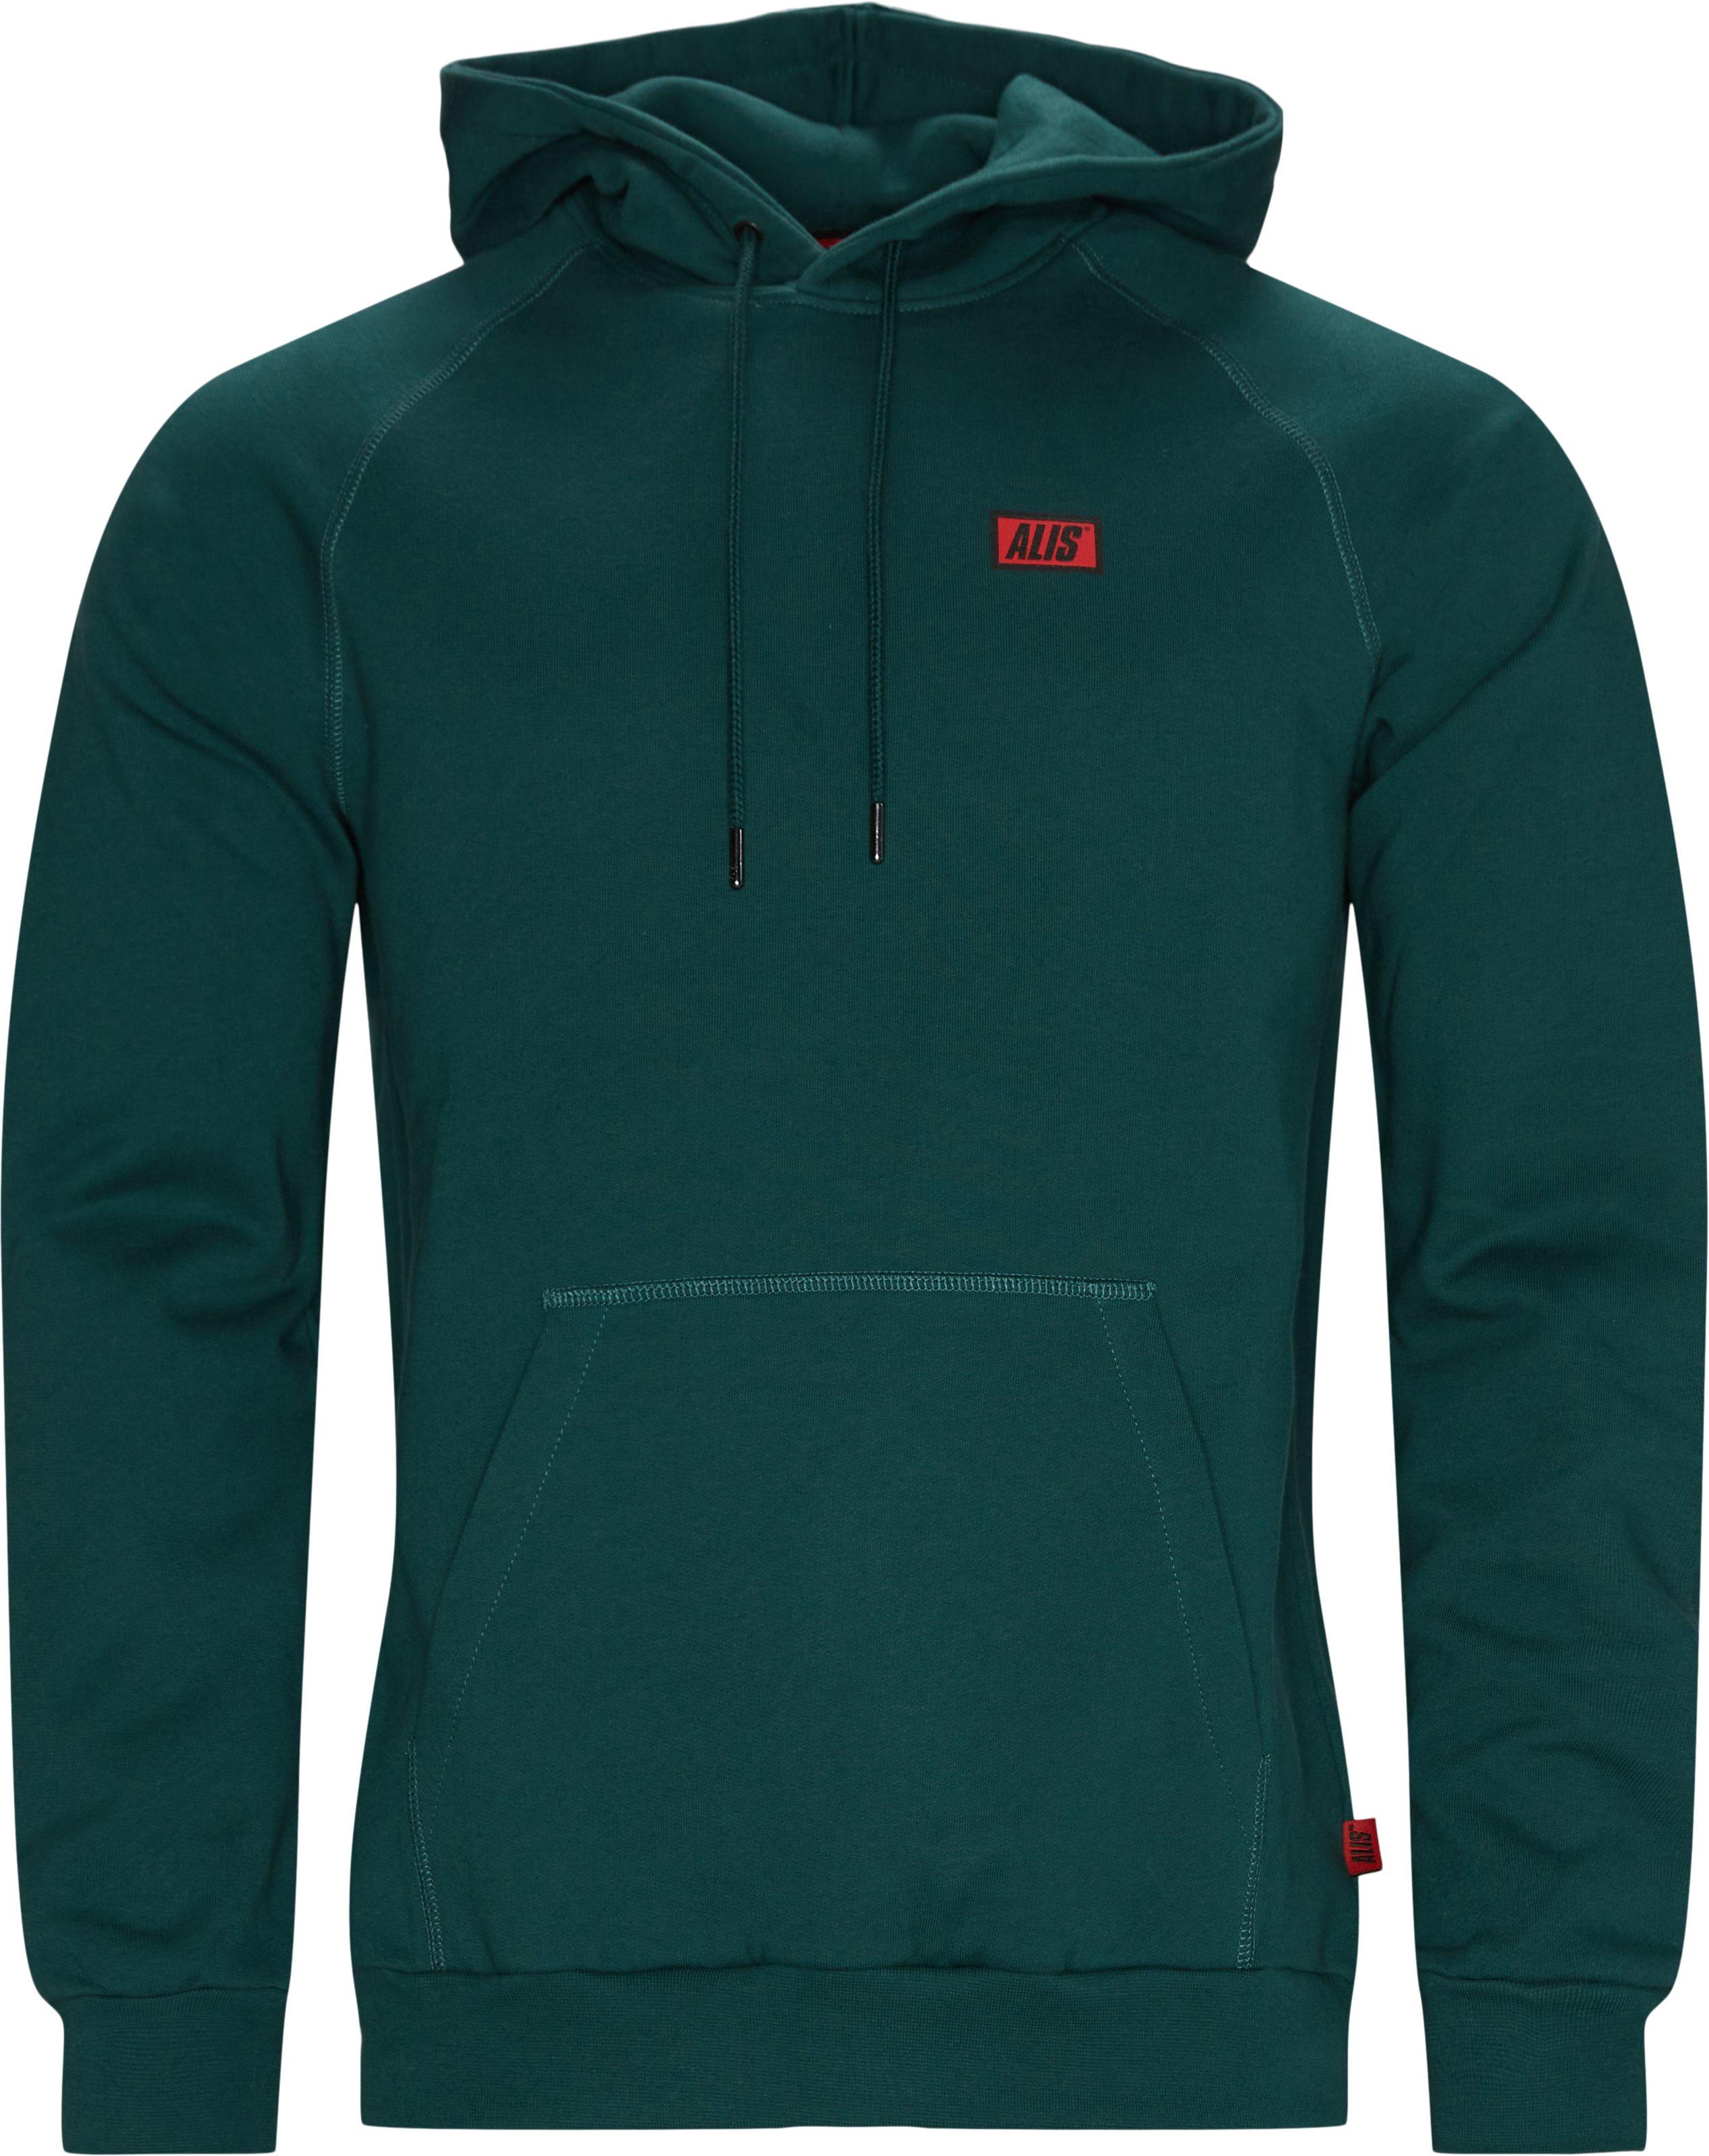 Sweatshirts - Grøn